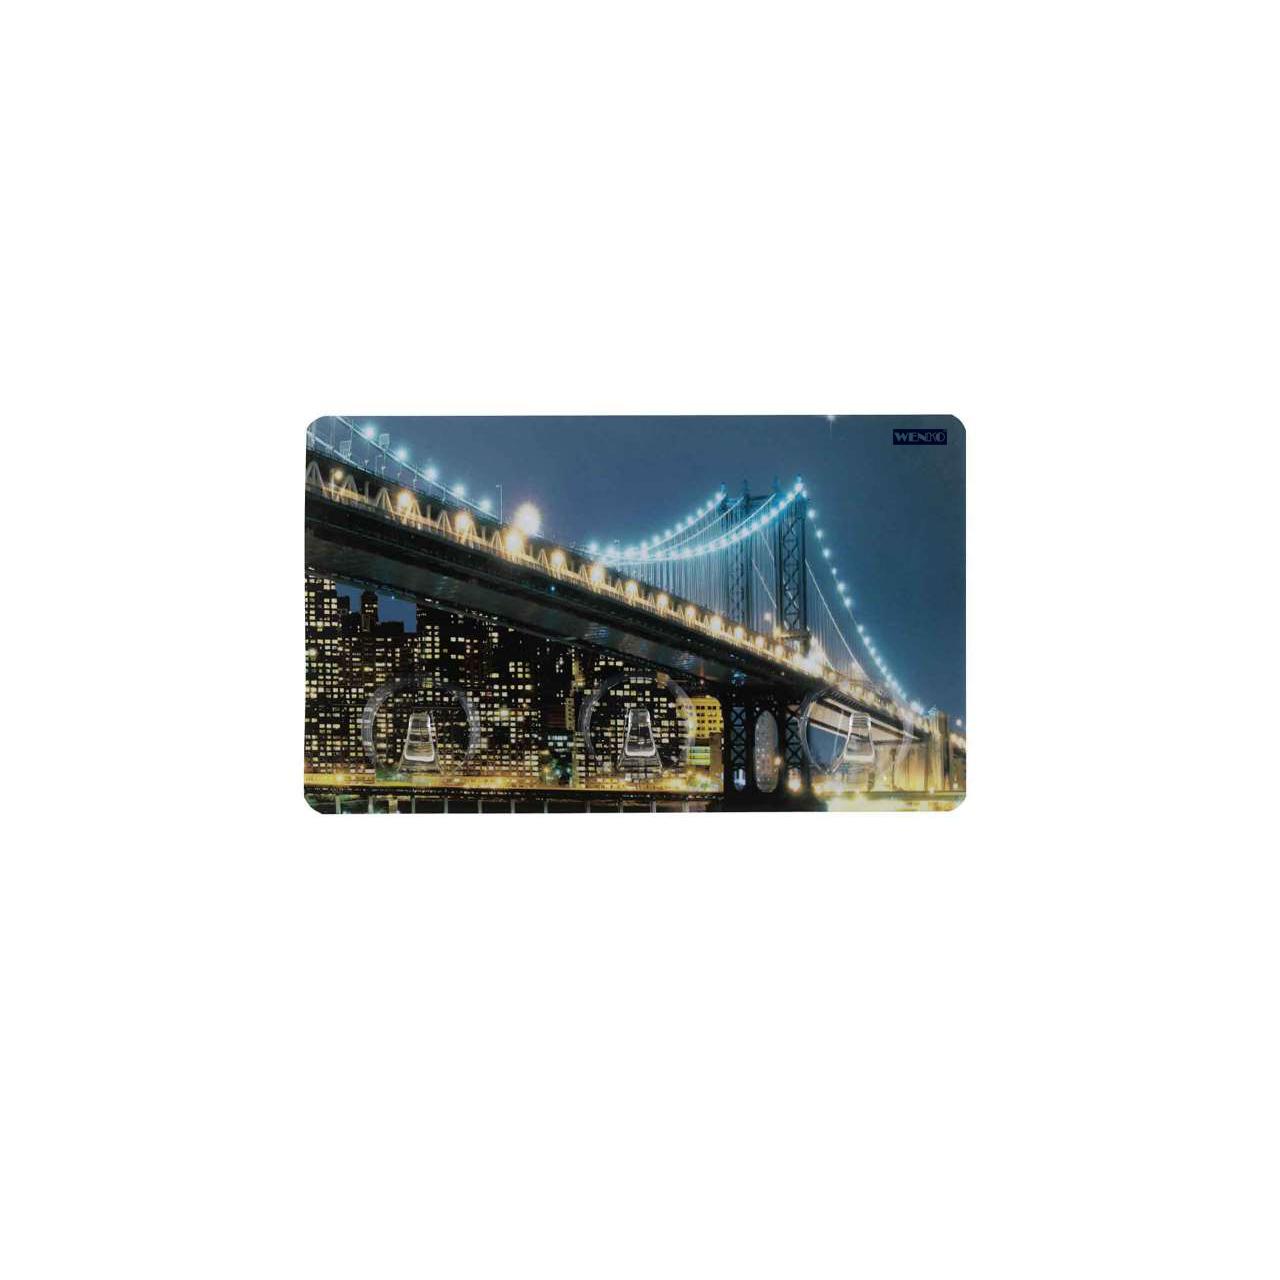 آویز حوله ونکو مدل Brooklyn Bridge